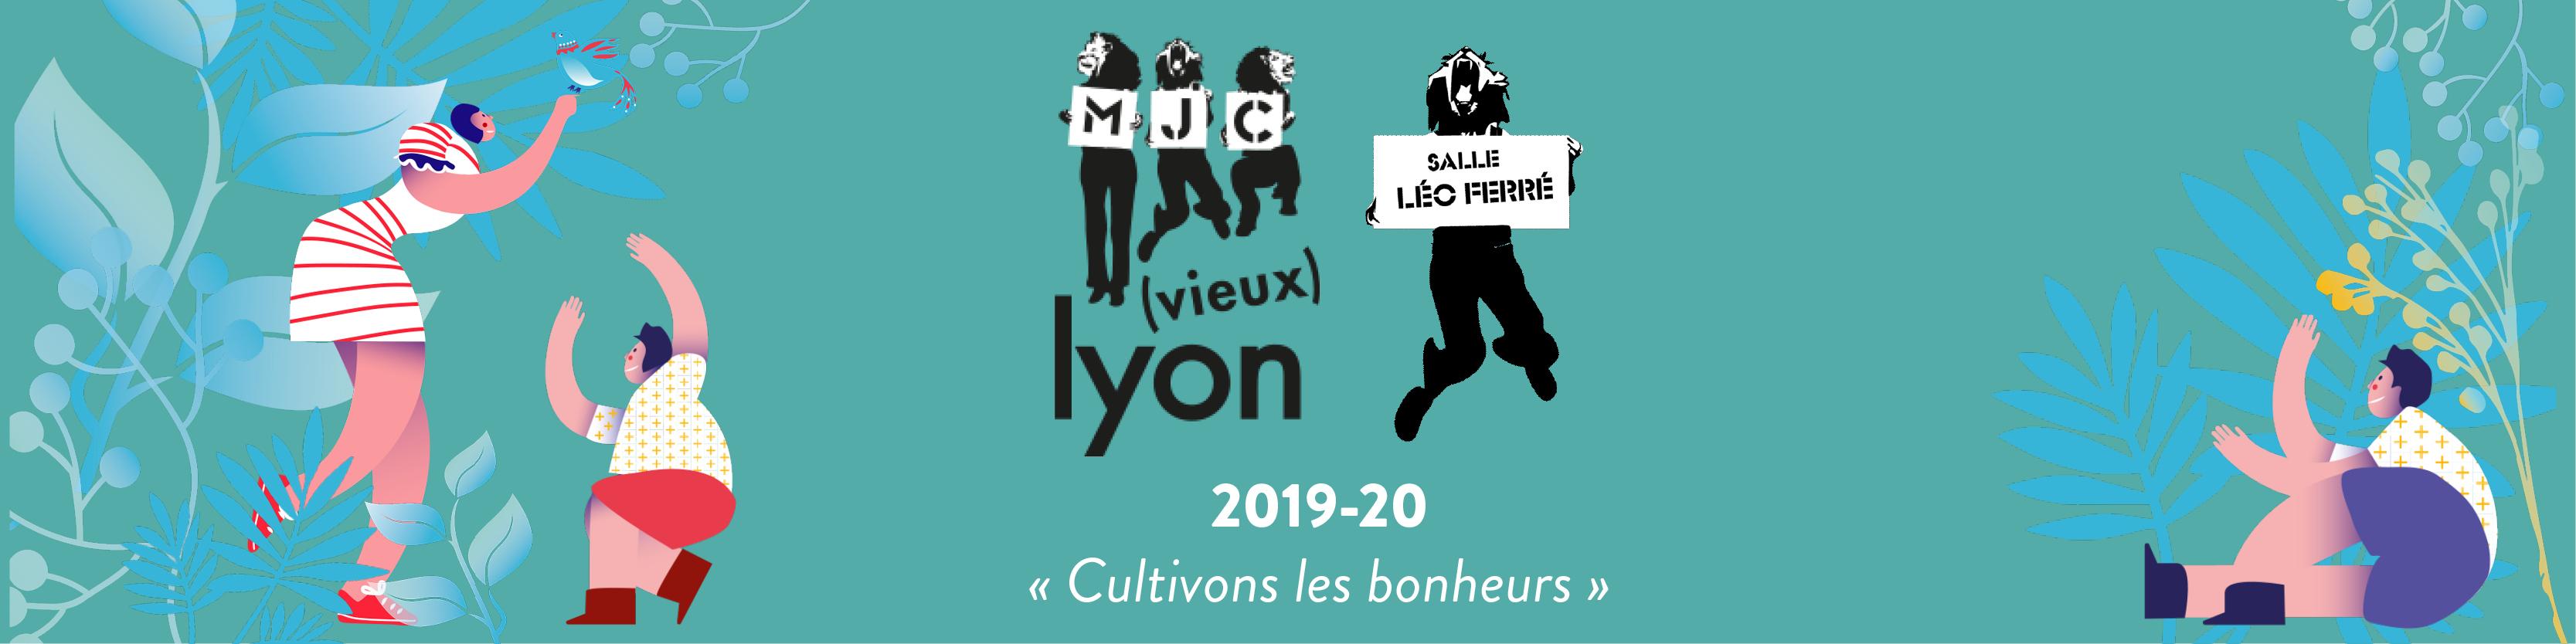 MJC du Vieux Lyon